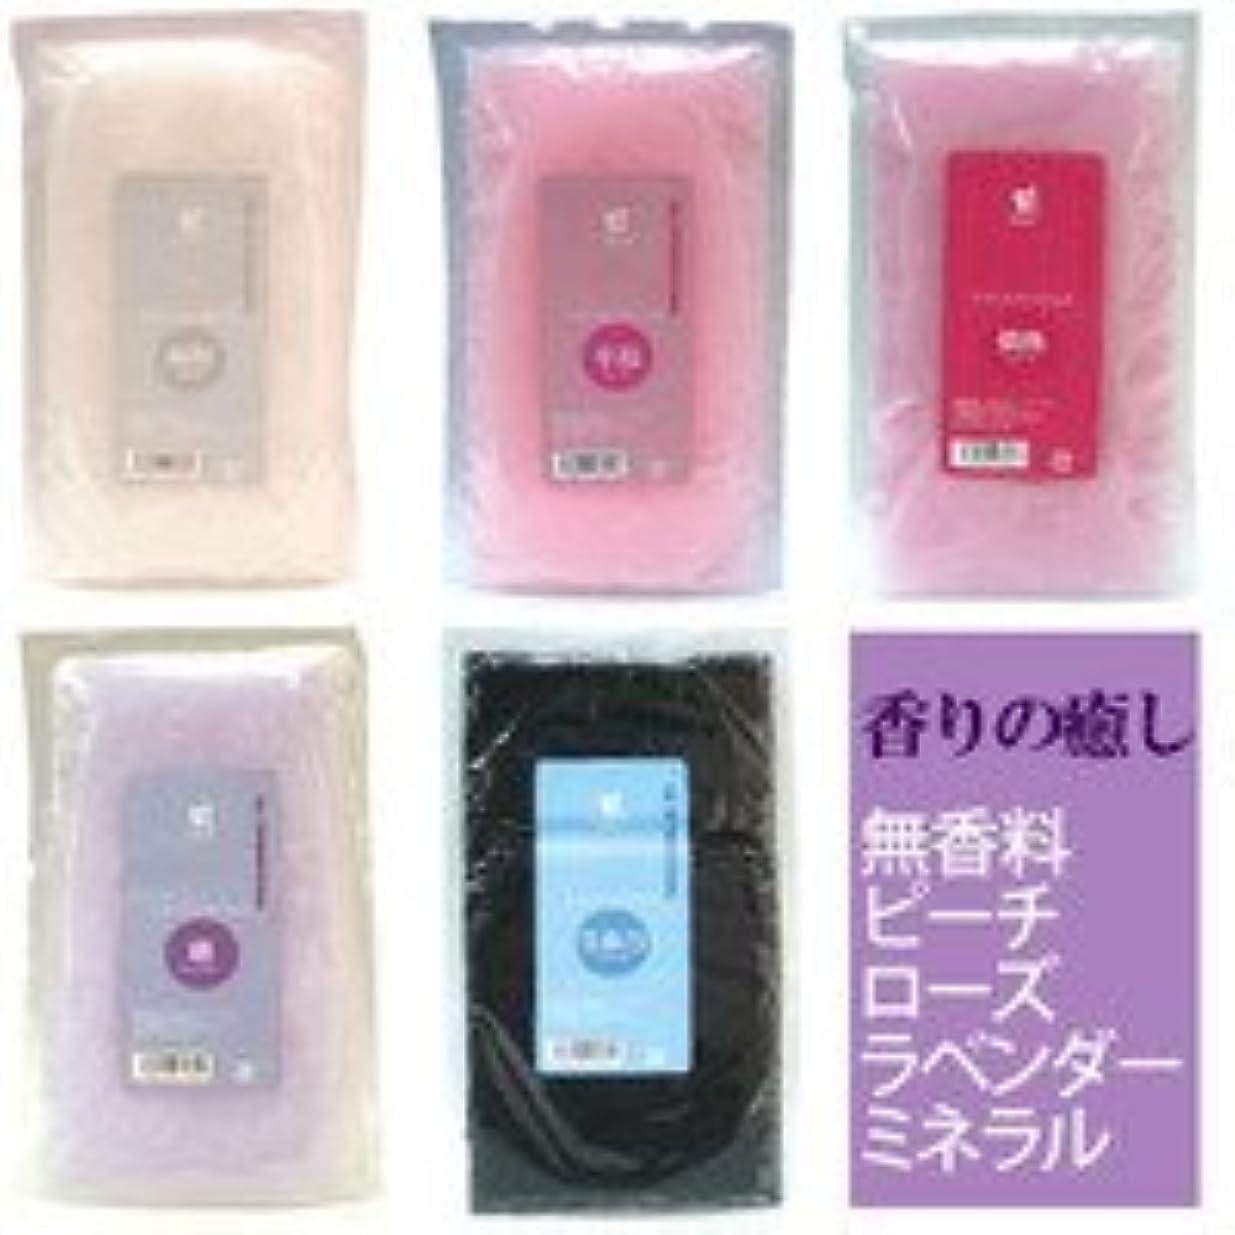 トロピカルおじさん放つパラフィンパック 【トリートメントパック】 450g (純粋(無香料))